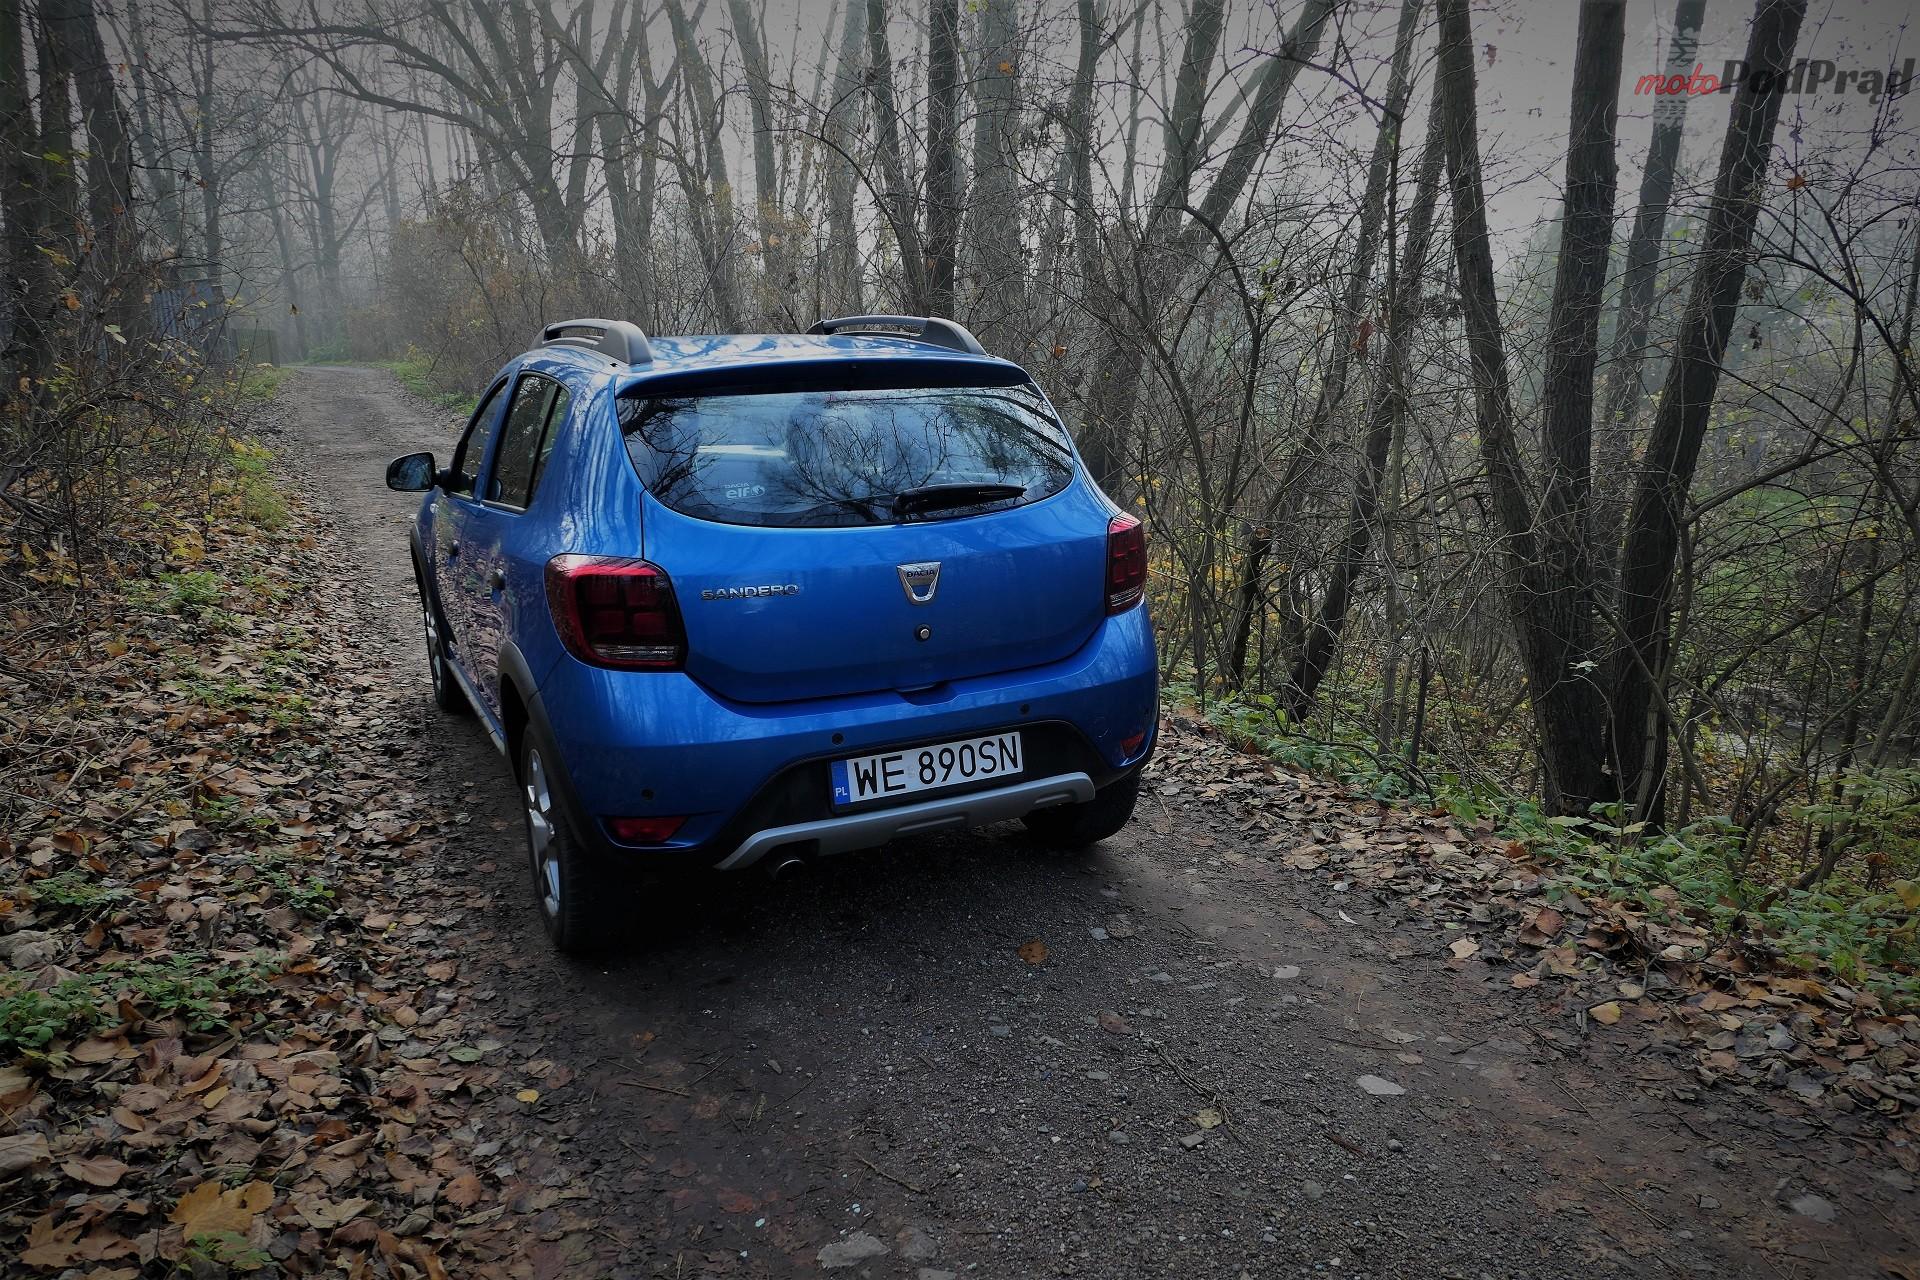 Dacia Sandero Stepway 29 Test: Dacia Sandero Stepway   w prostocie siła